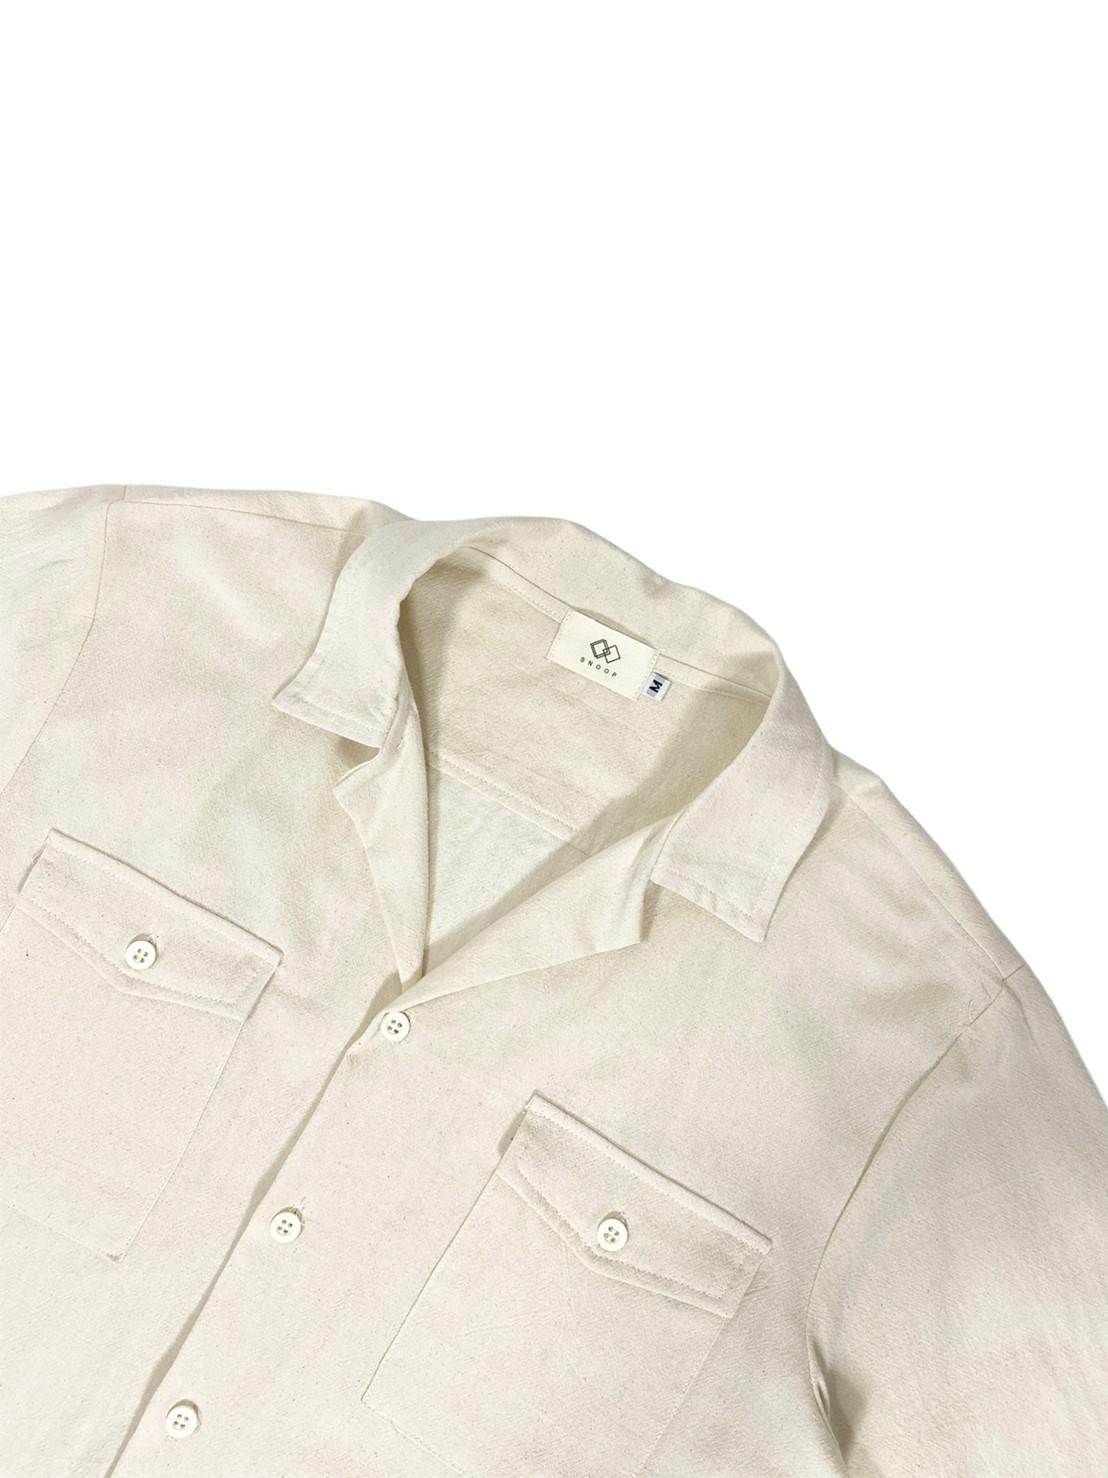 Open Collar 2pocket (Beige)